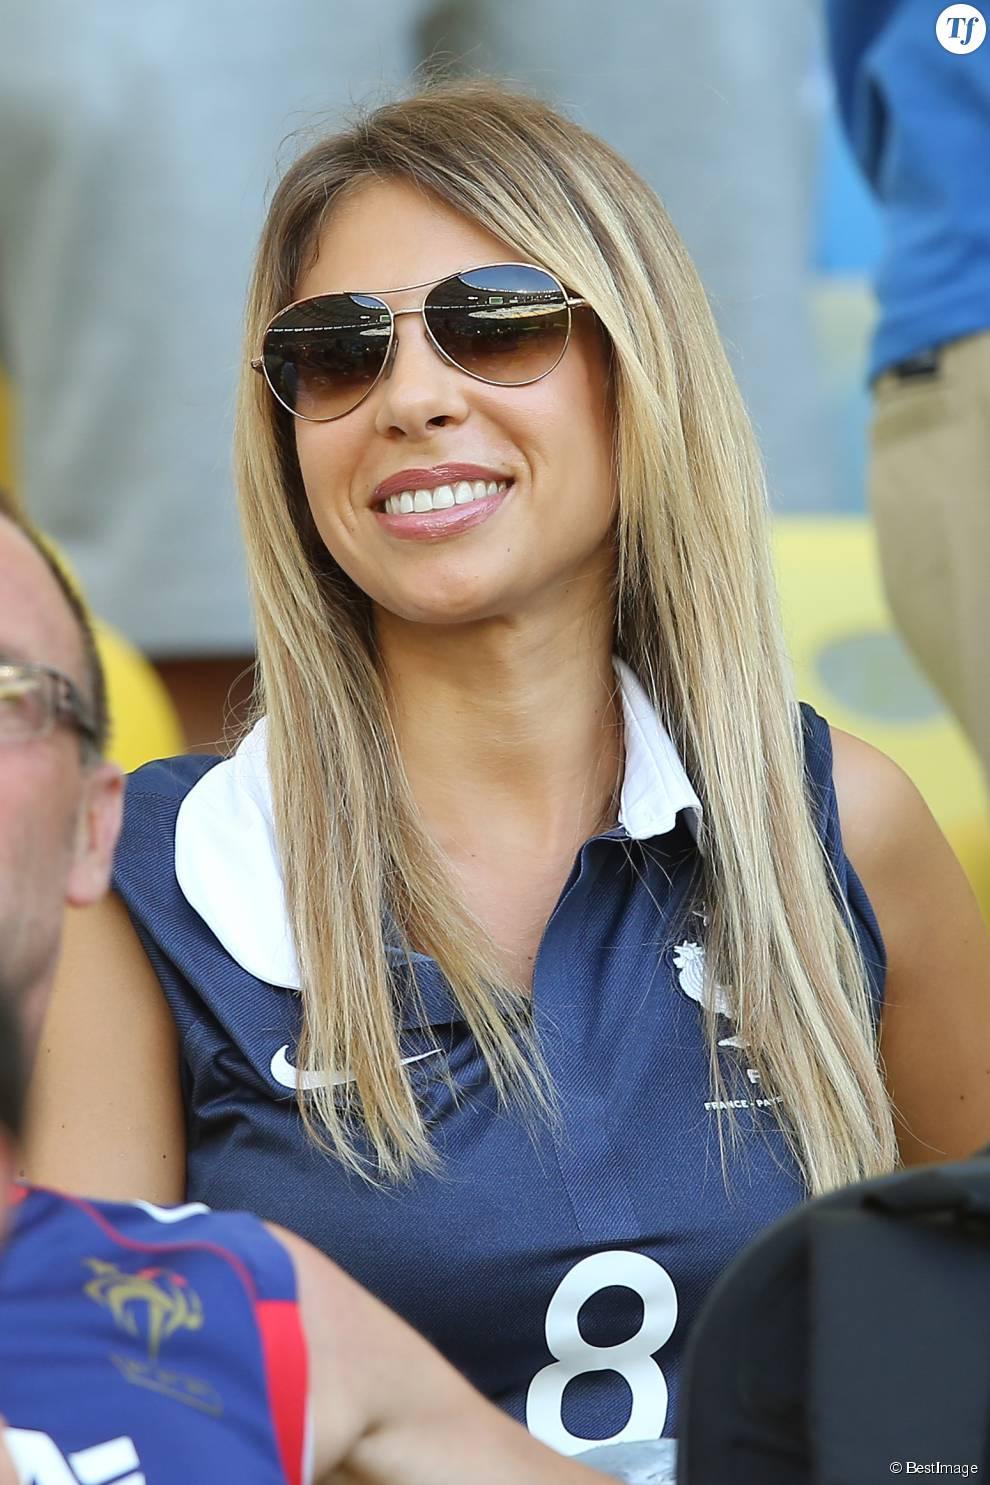 Fanny Valbuena - Les femmes des joueurs de l'équipe de France assistent au match France - Equateur à Rio de Janeiro au Brésil le 25 juin 2014.